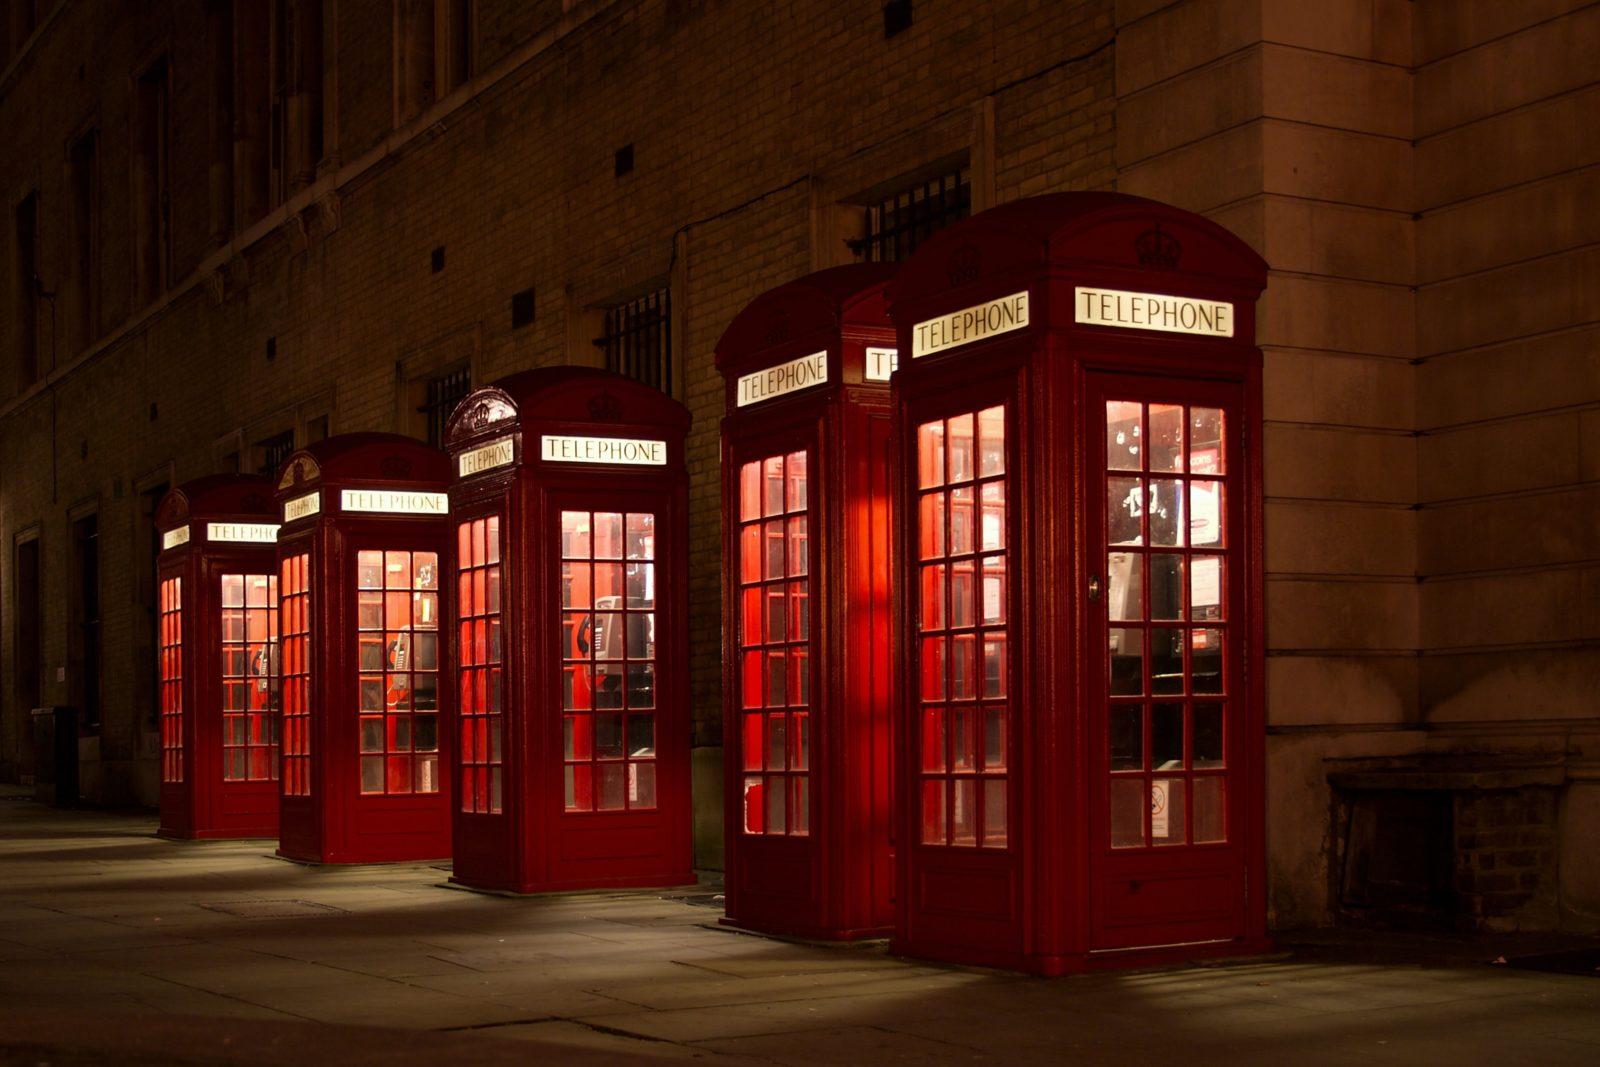 Fünf rote Telefonzellen in einer Reihe